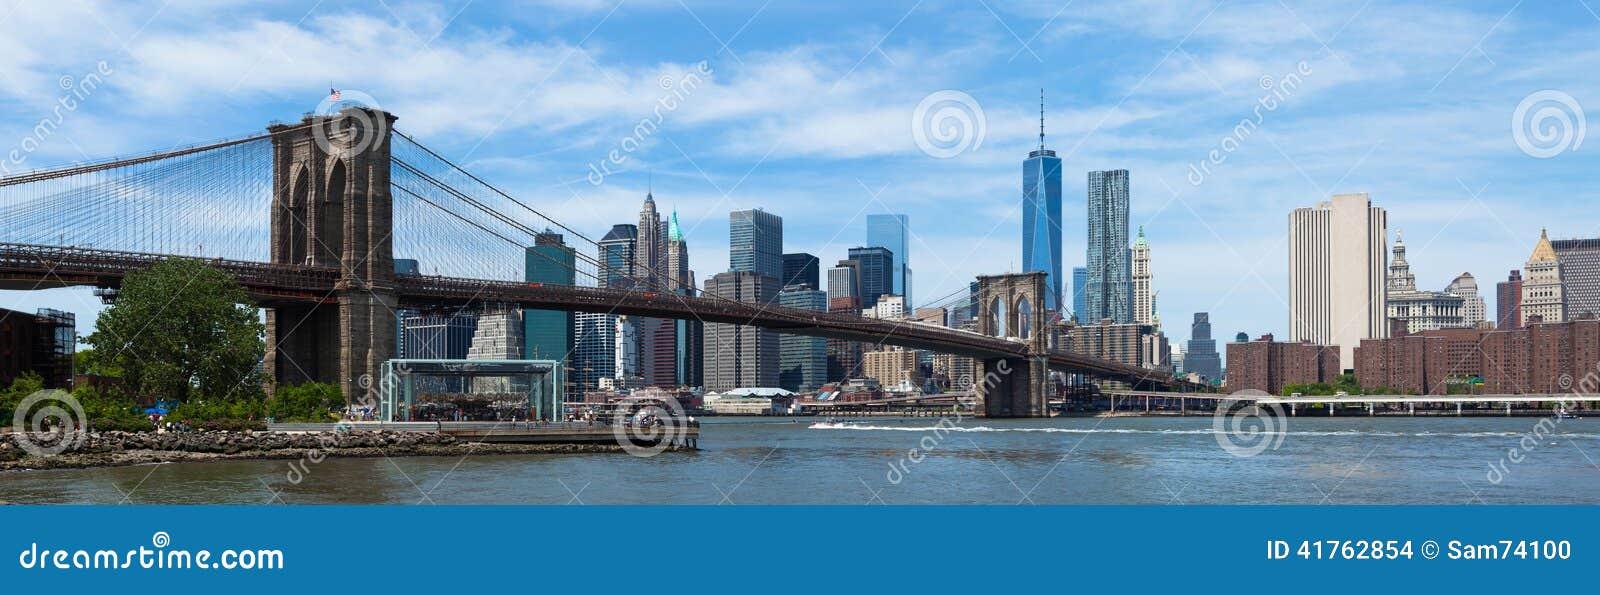 Панорамный взгляд более низких Манхаттана и Бруклинского моста в новом Yor